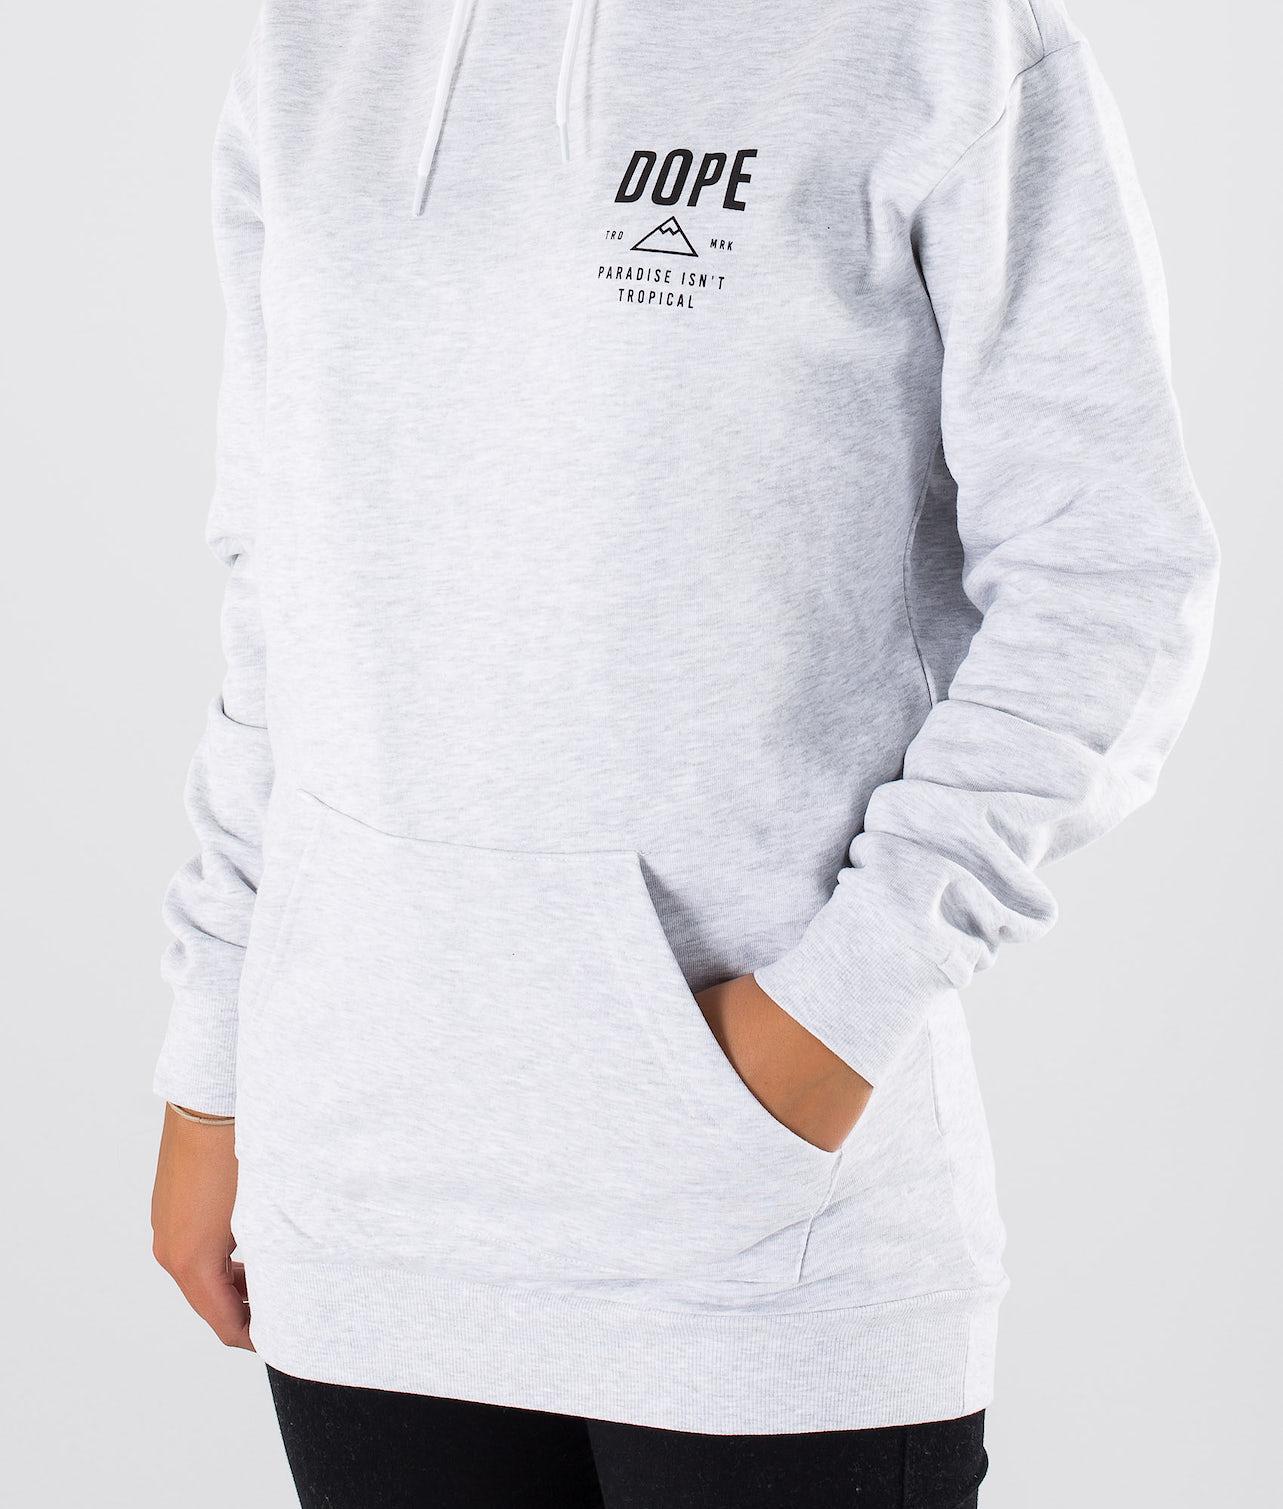 Kjøp Taille Stacked Hood fra Dope på Ridestore.no - Hos oss har du alltid fri frakt, fri retur og 30 dagers åpent kjøp!